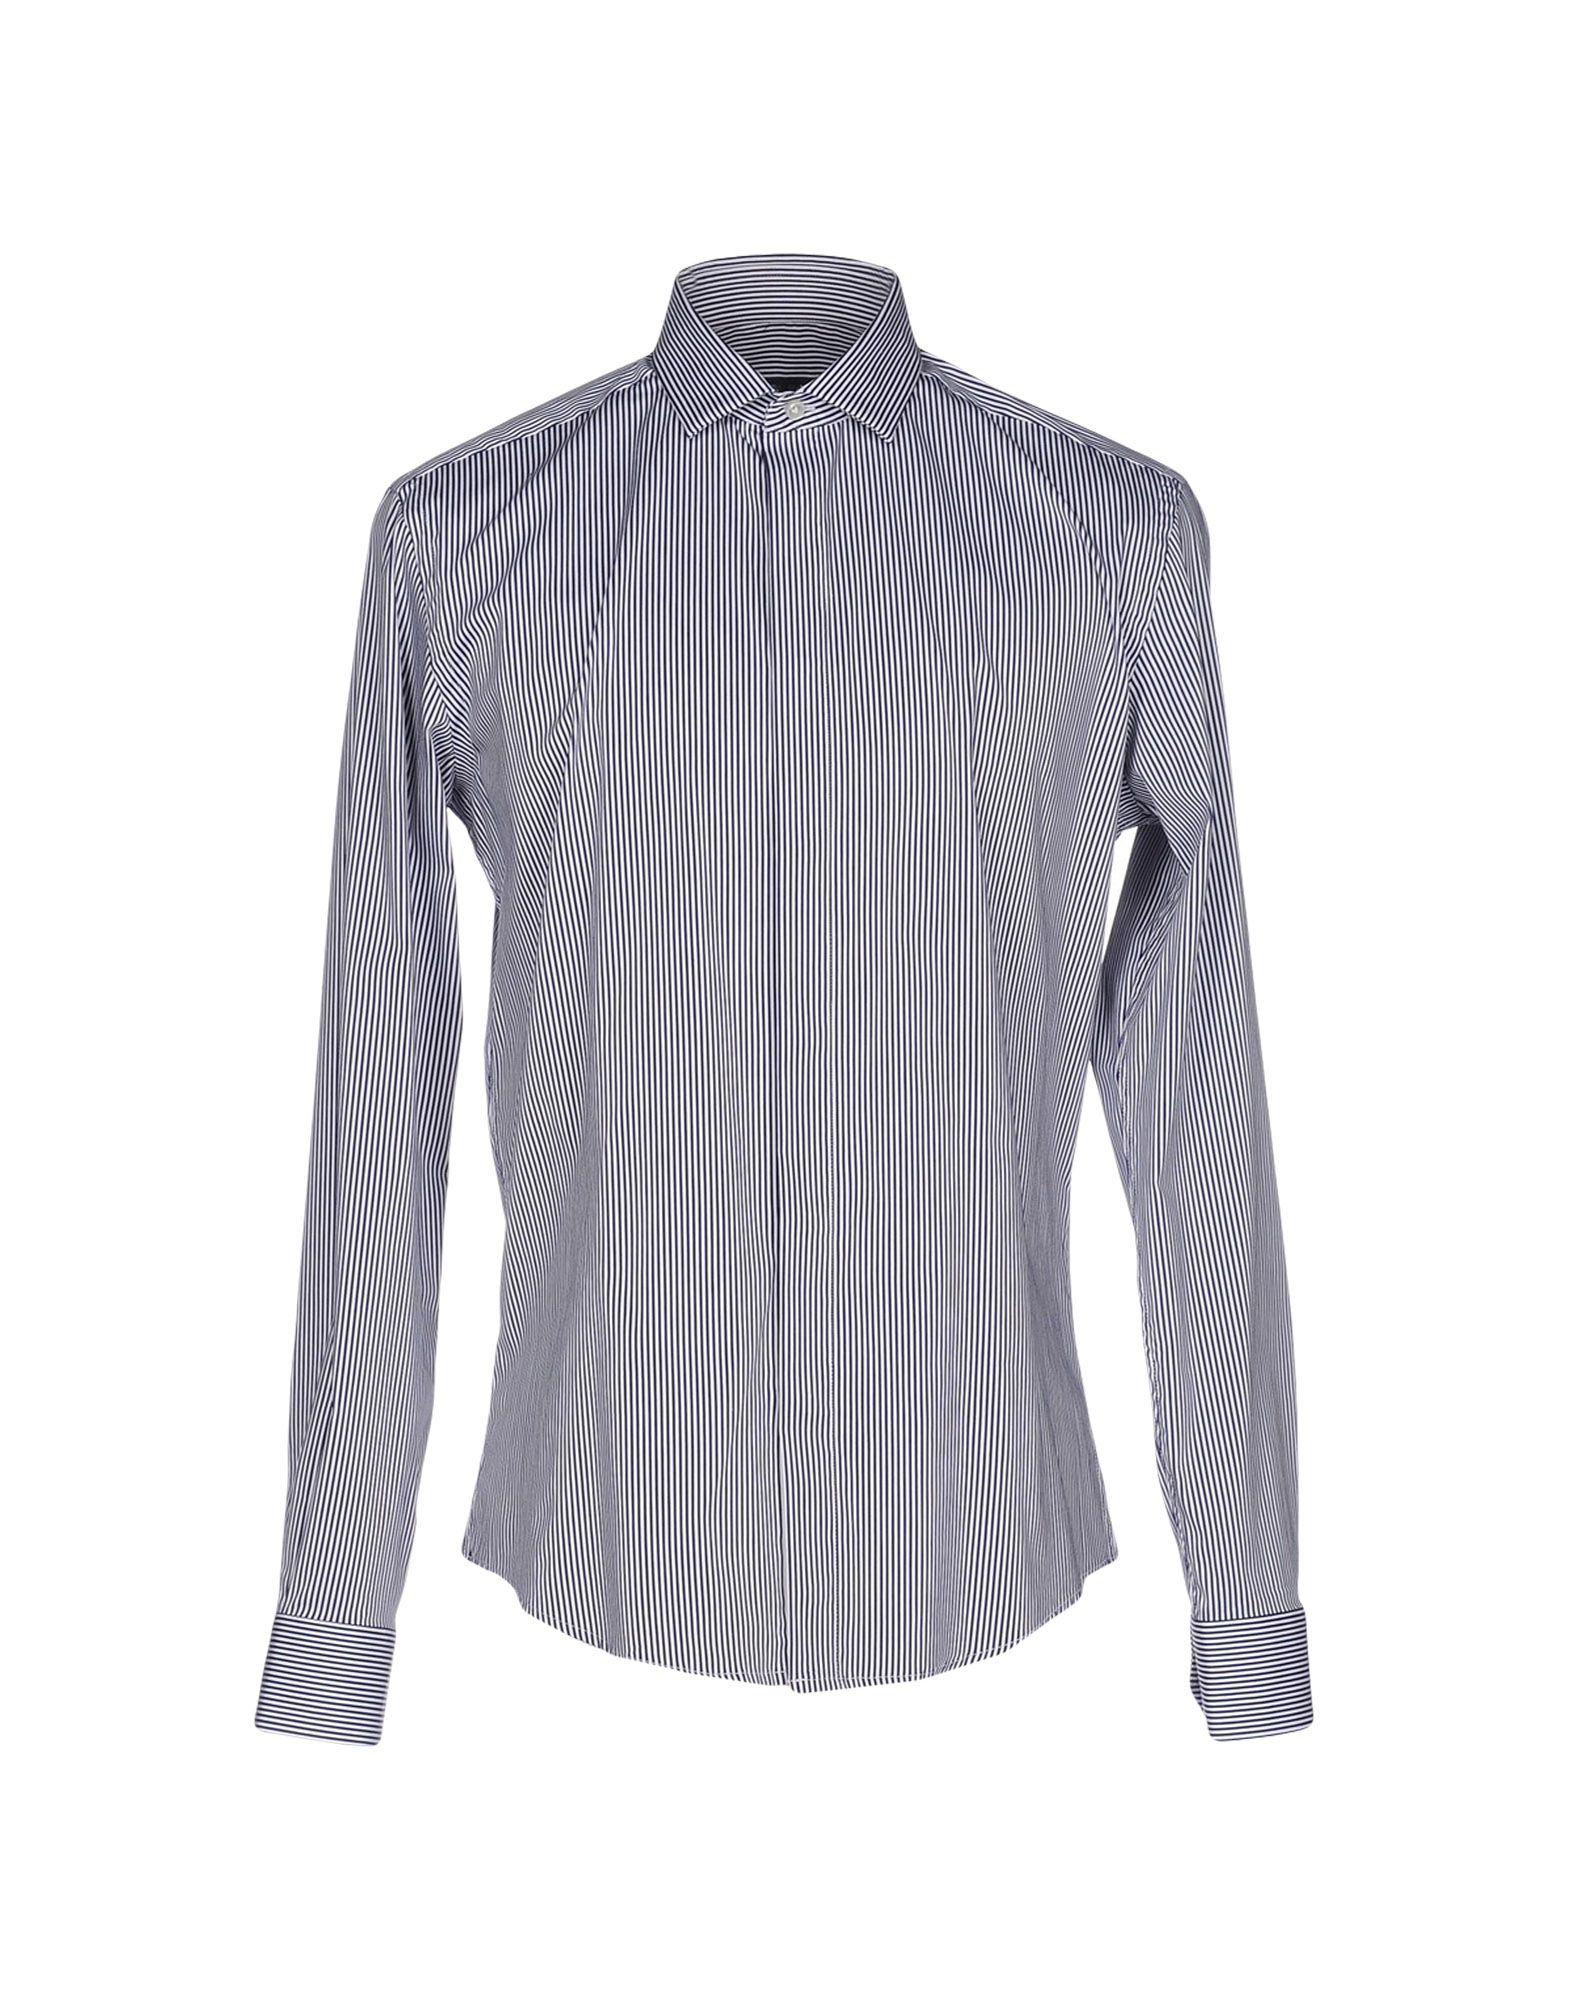 BRIAN DALES Herren Hemd Farbe Dunkelblau Größe 6 jetztbilligerkaufen